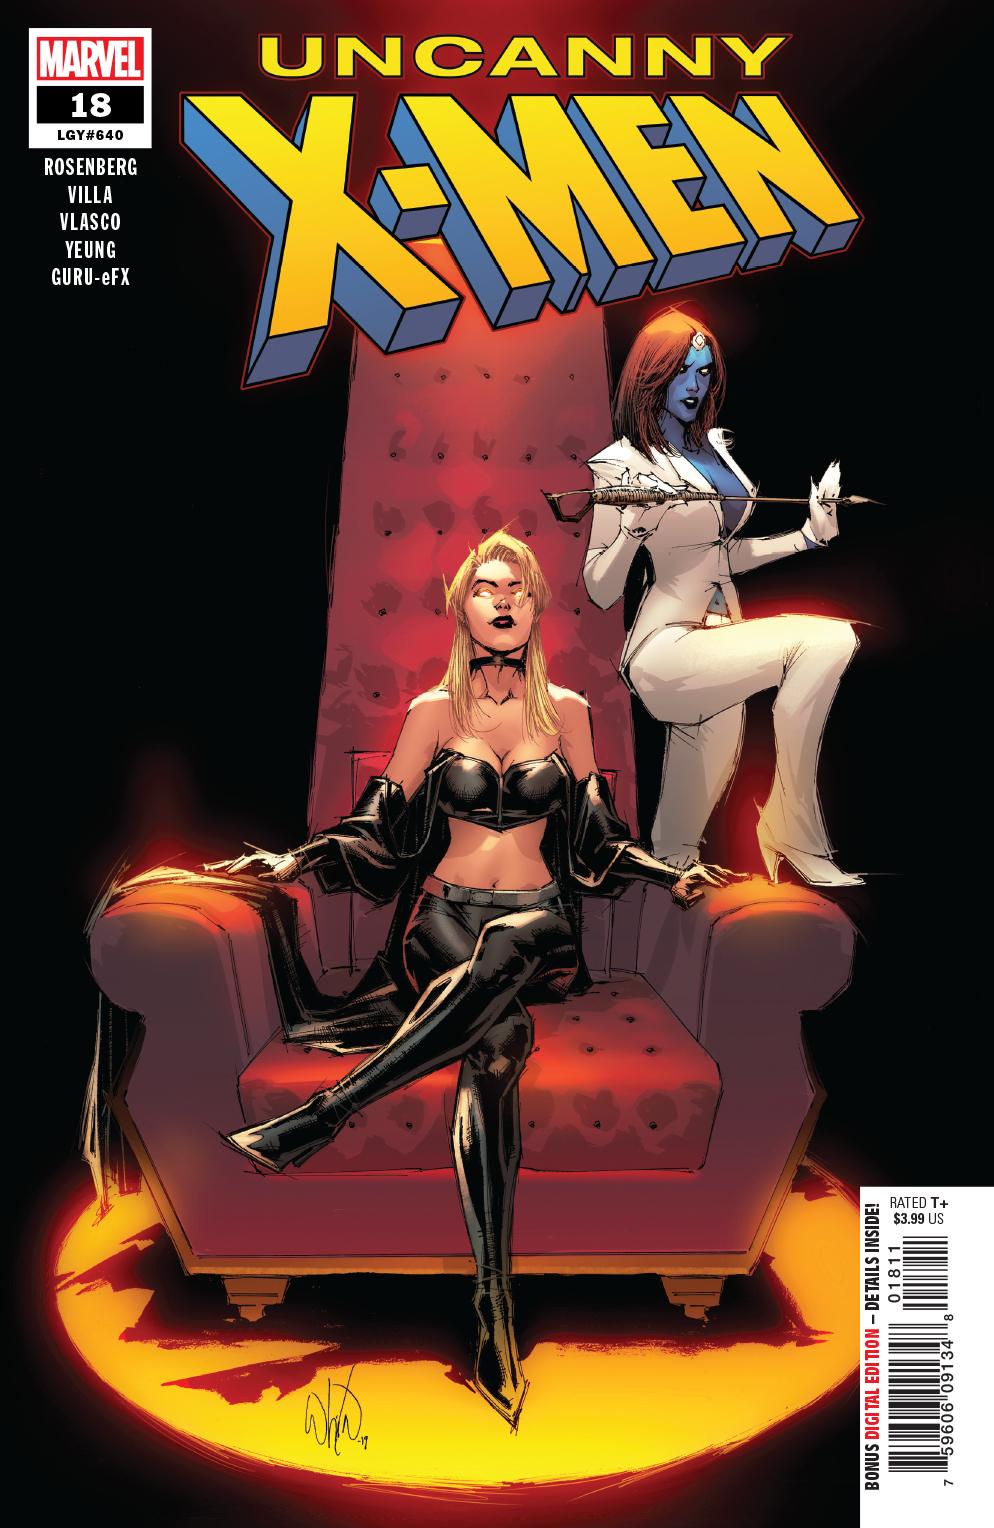 Uncanny X-Men #18.jpg